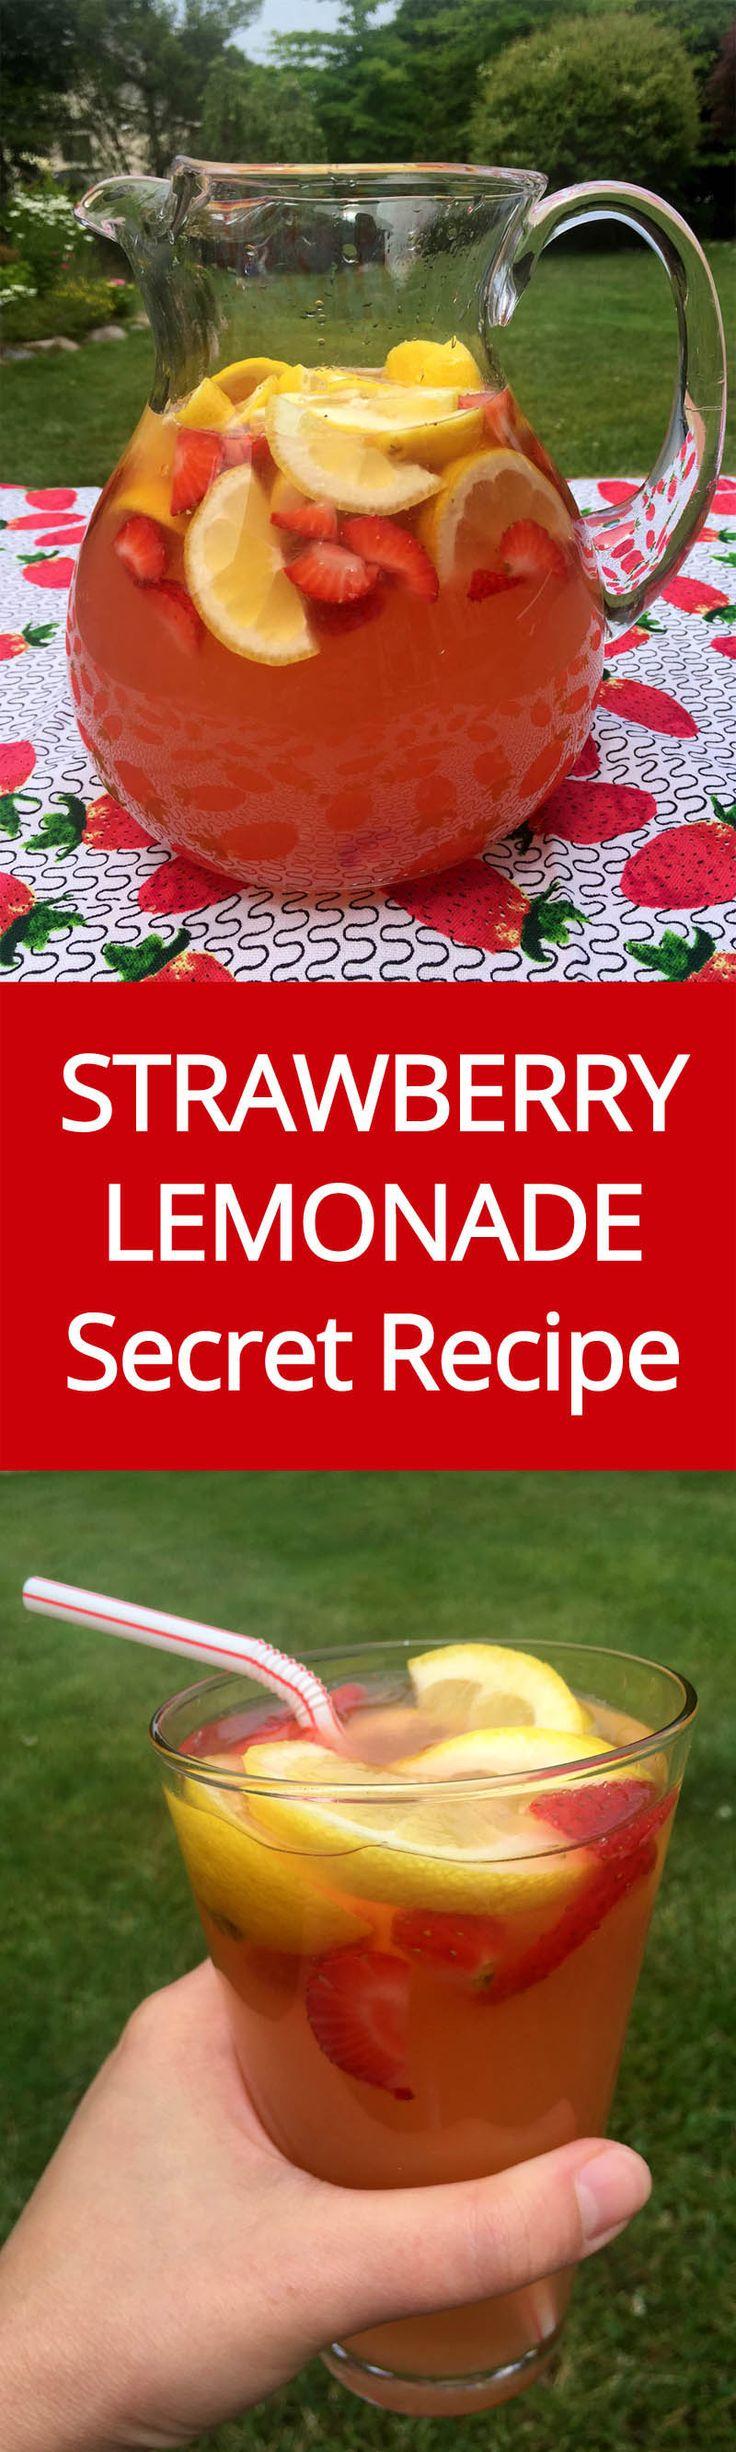 Homemade Strawberry Lemonade Recipe With Freshly Squeezed Lemons And Strawberry Slices   MelanieCooks.com